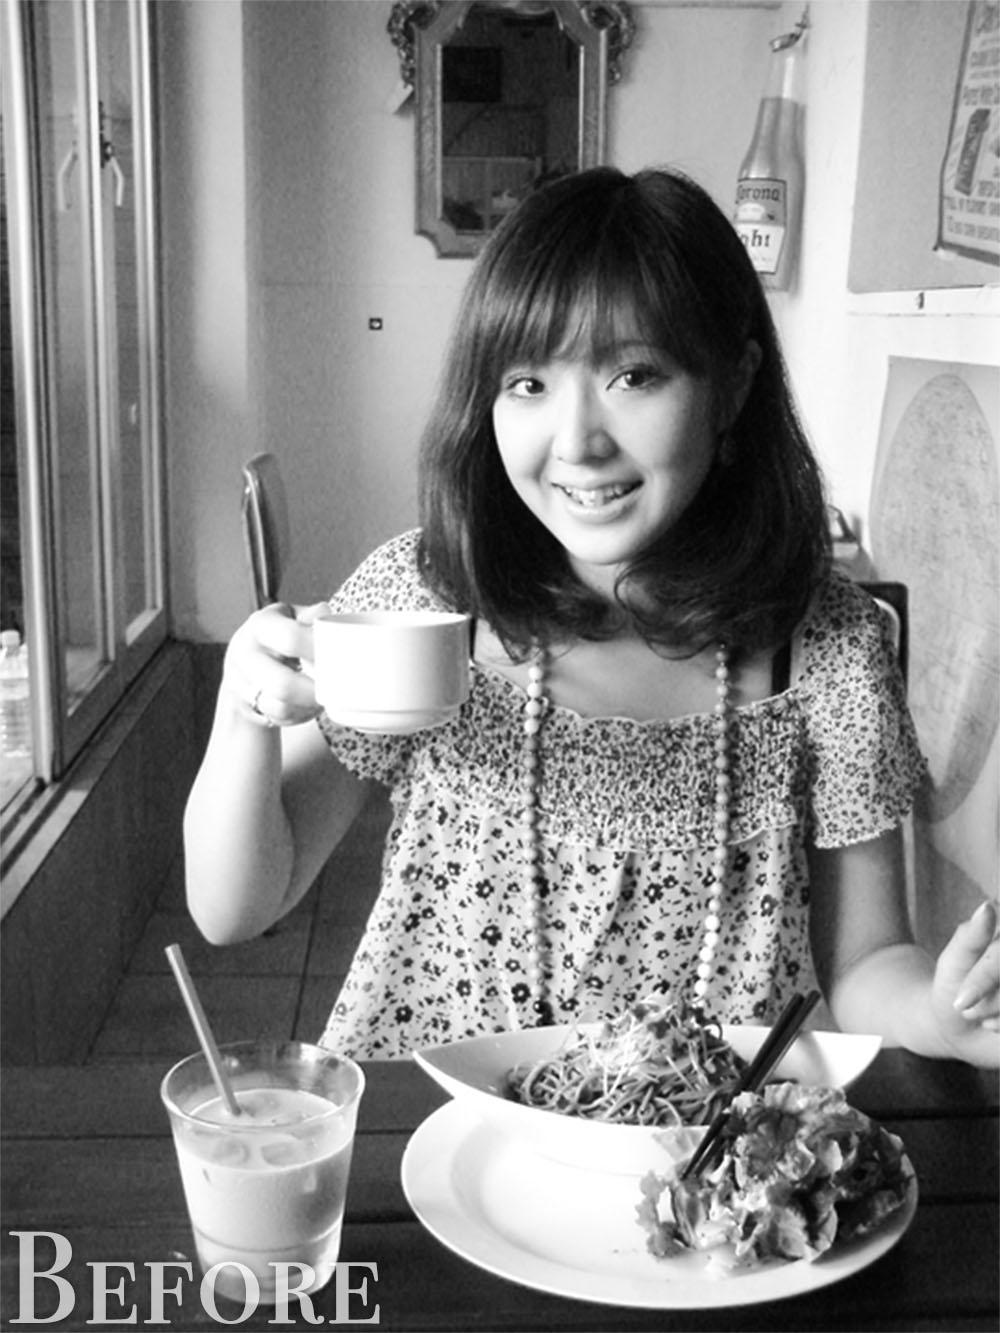 カフェで食事する女性のモノクロ写真